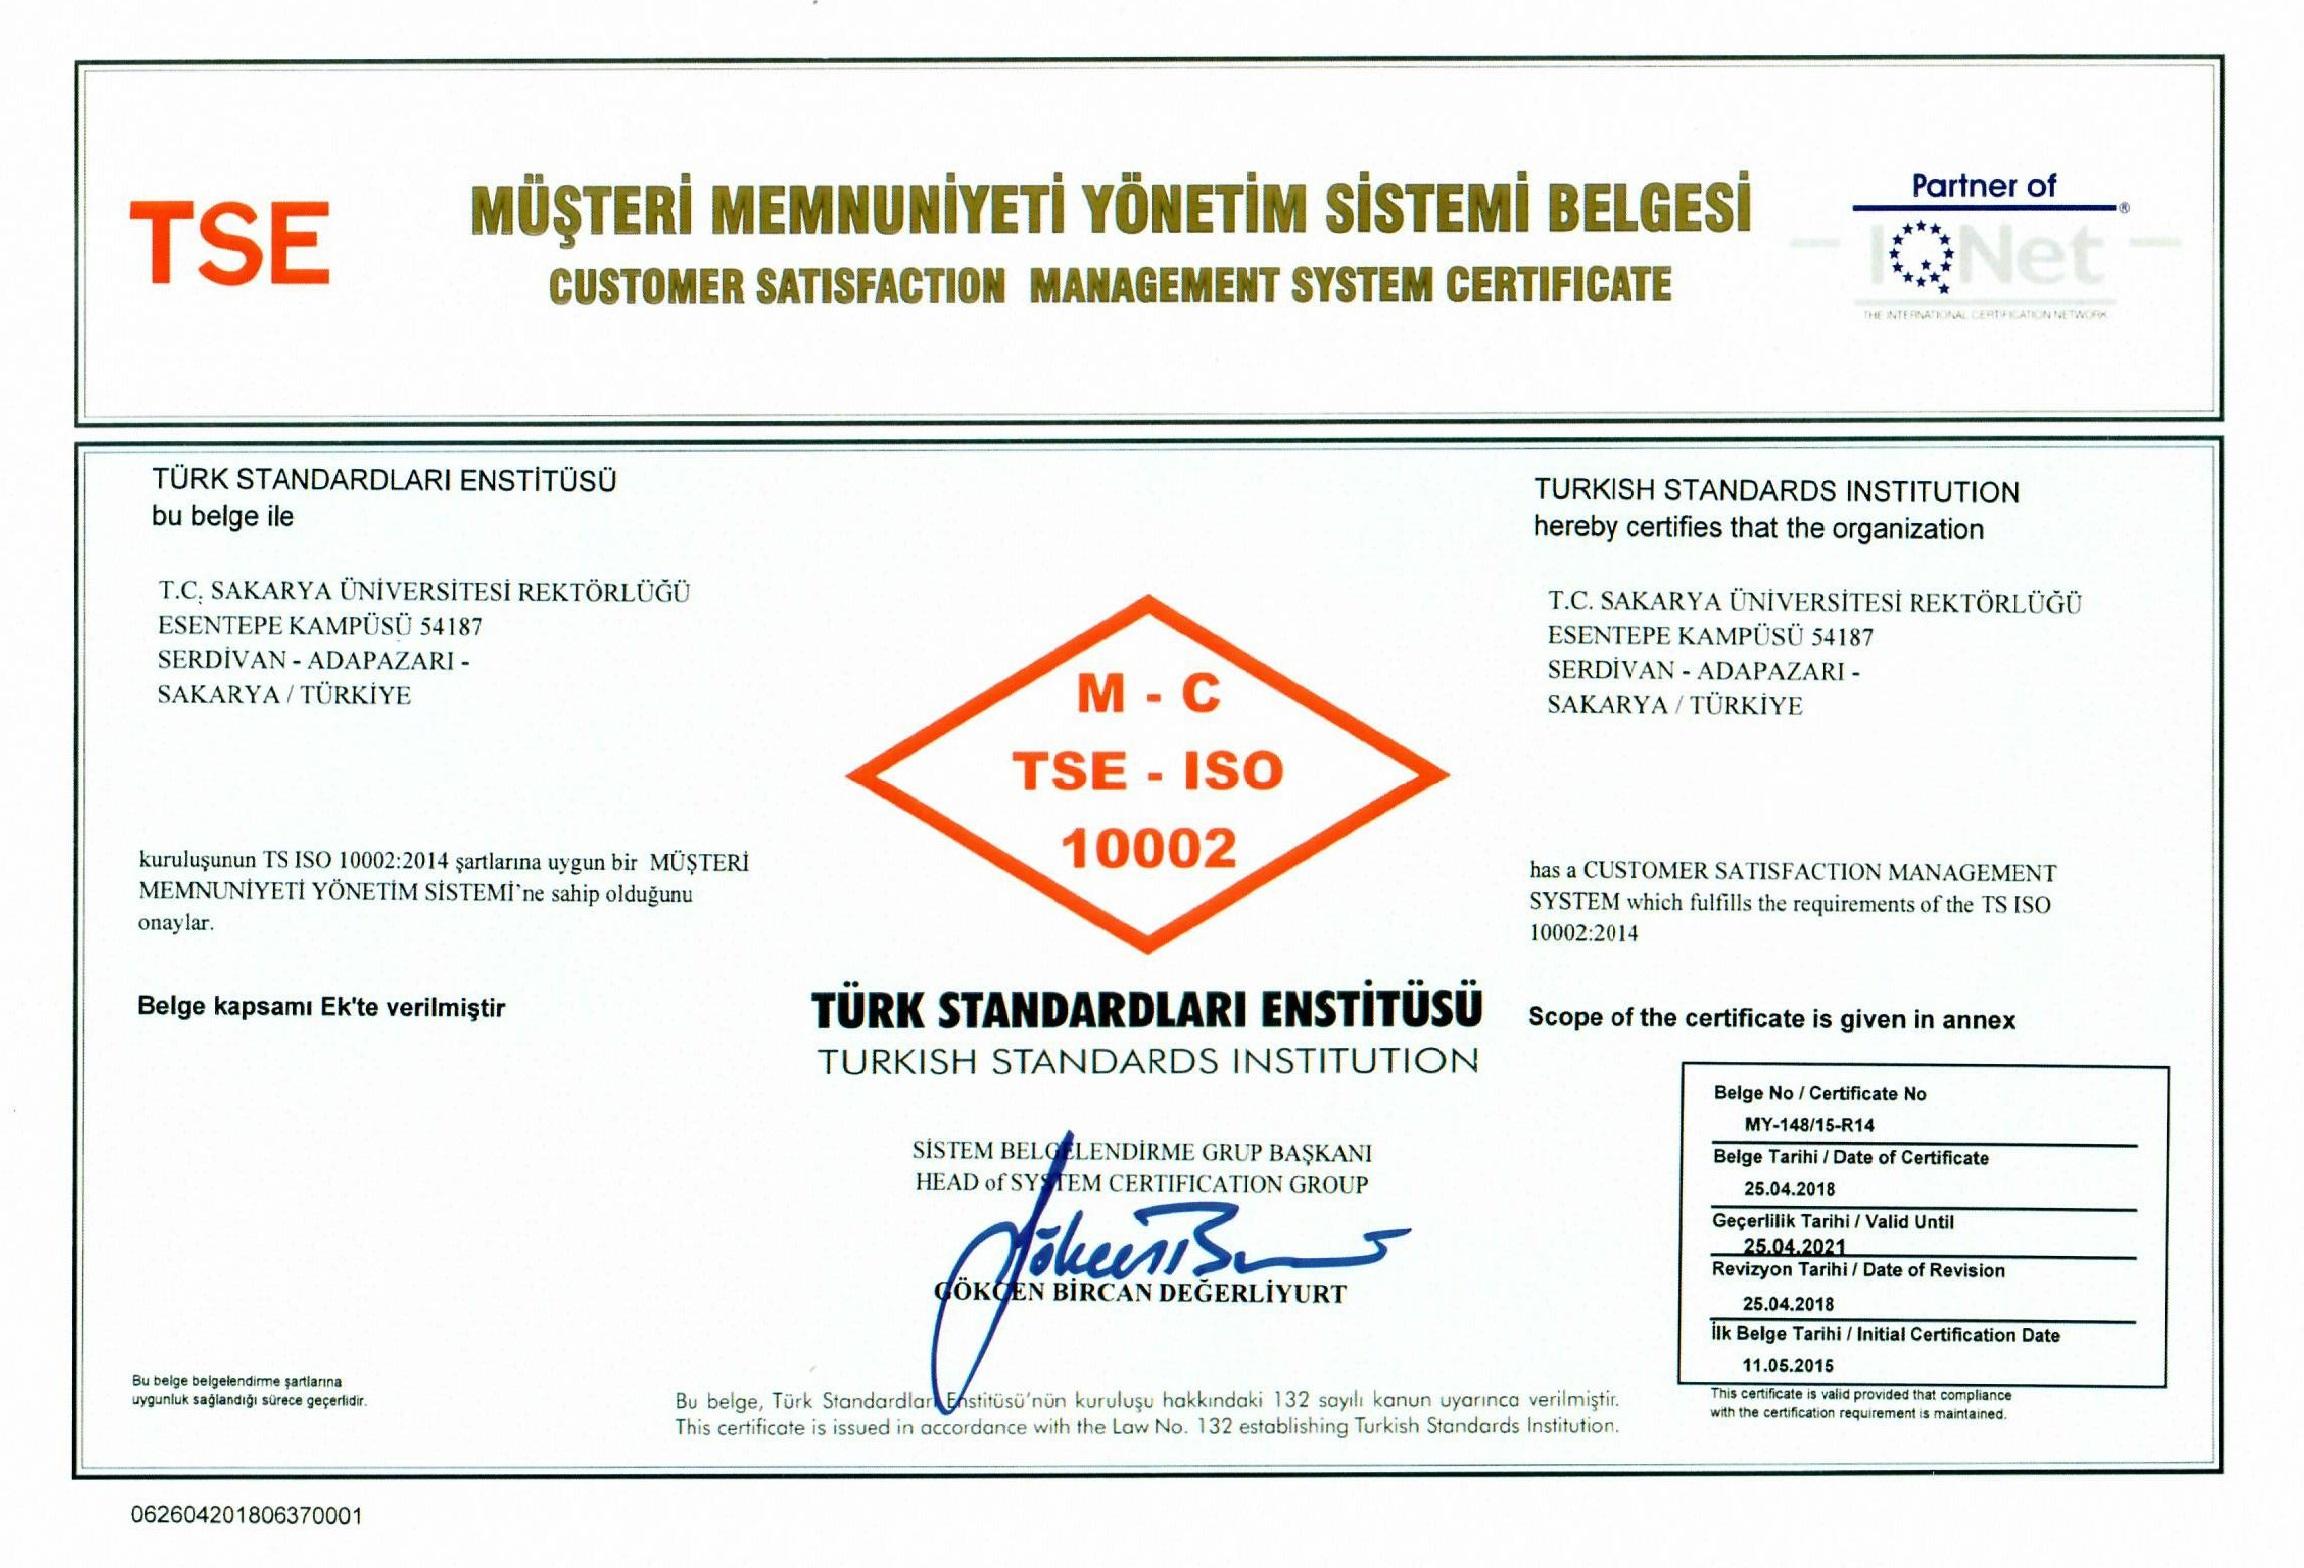 Müşteri Memnuniyeti Yönetim Sistemi Belgesi